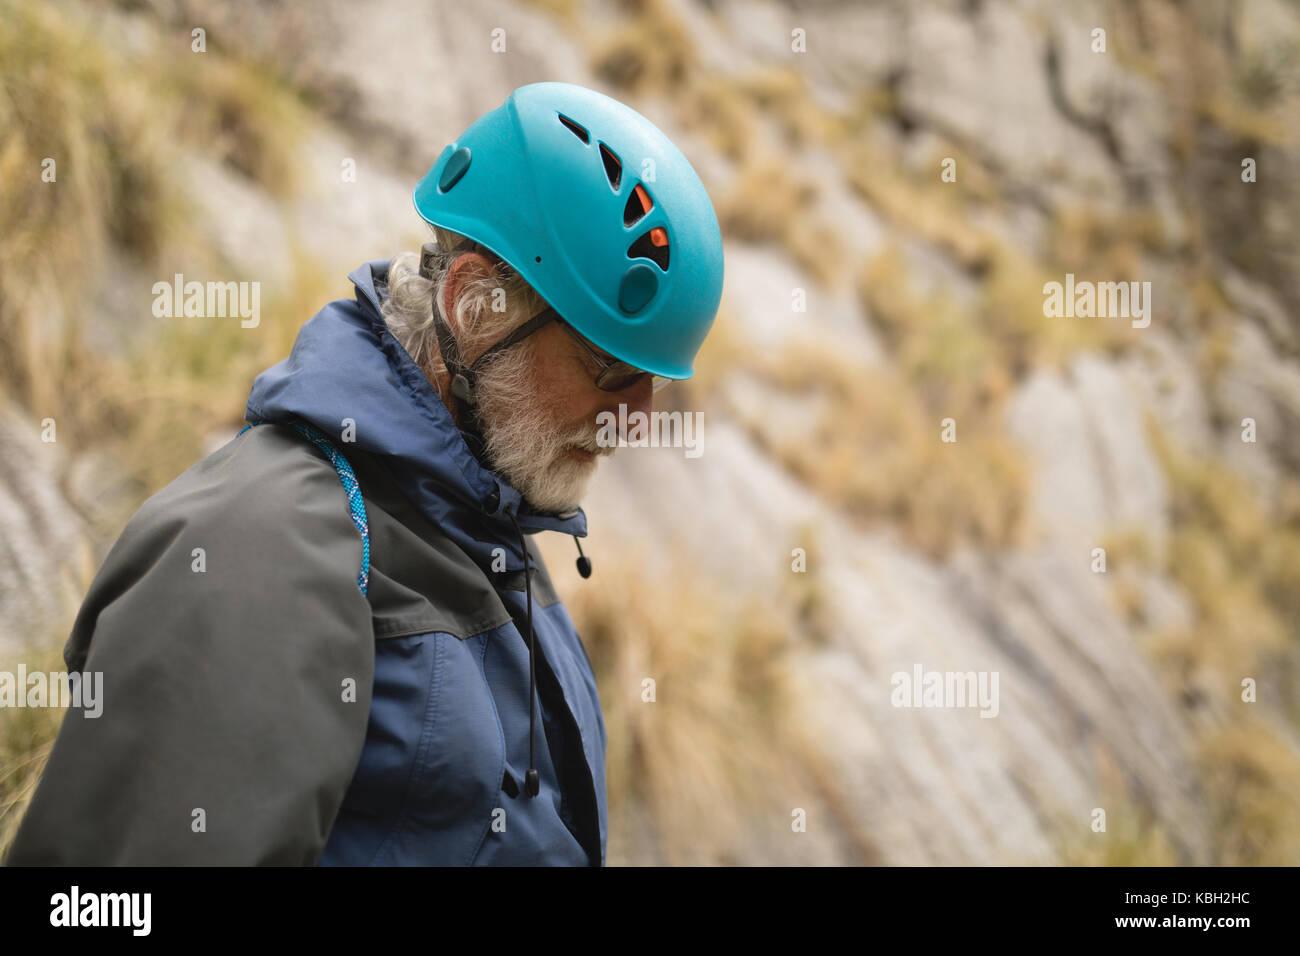 Älterer Mann durch das Tragen von schützender helm beim Bergsteigen Stockbild